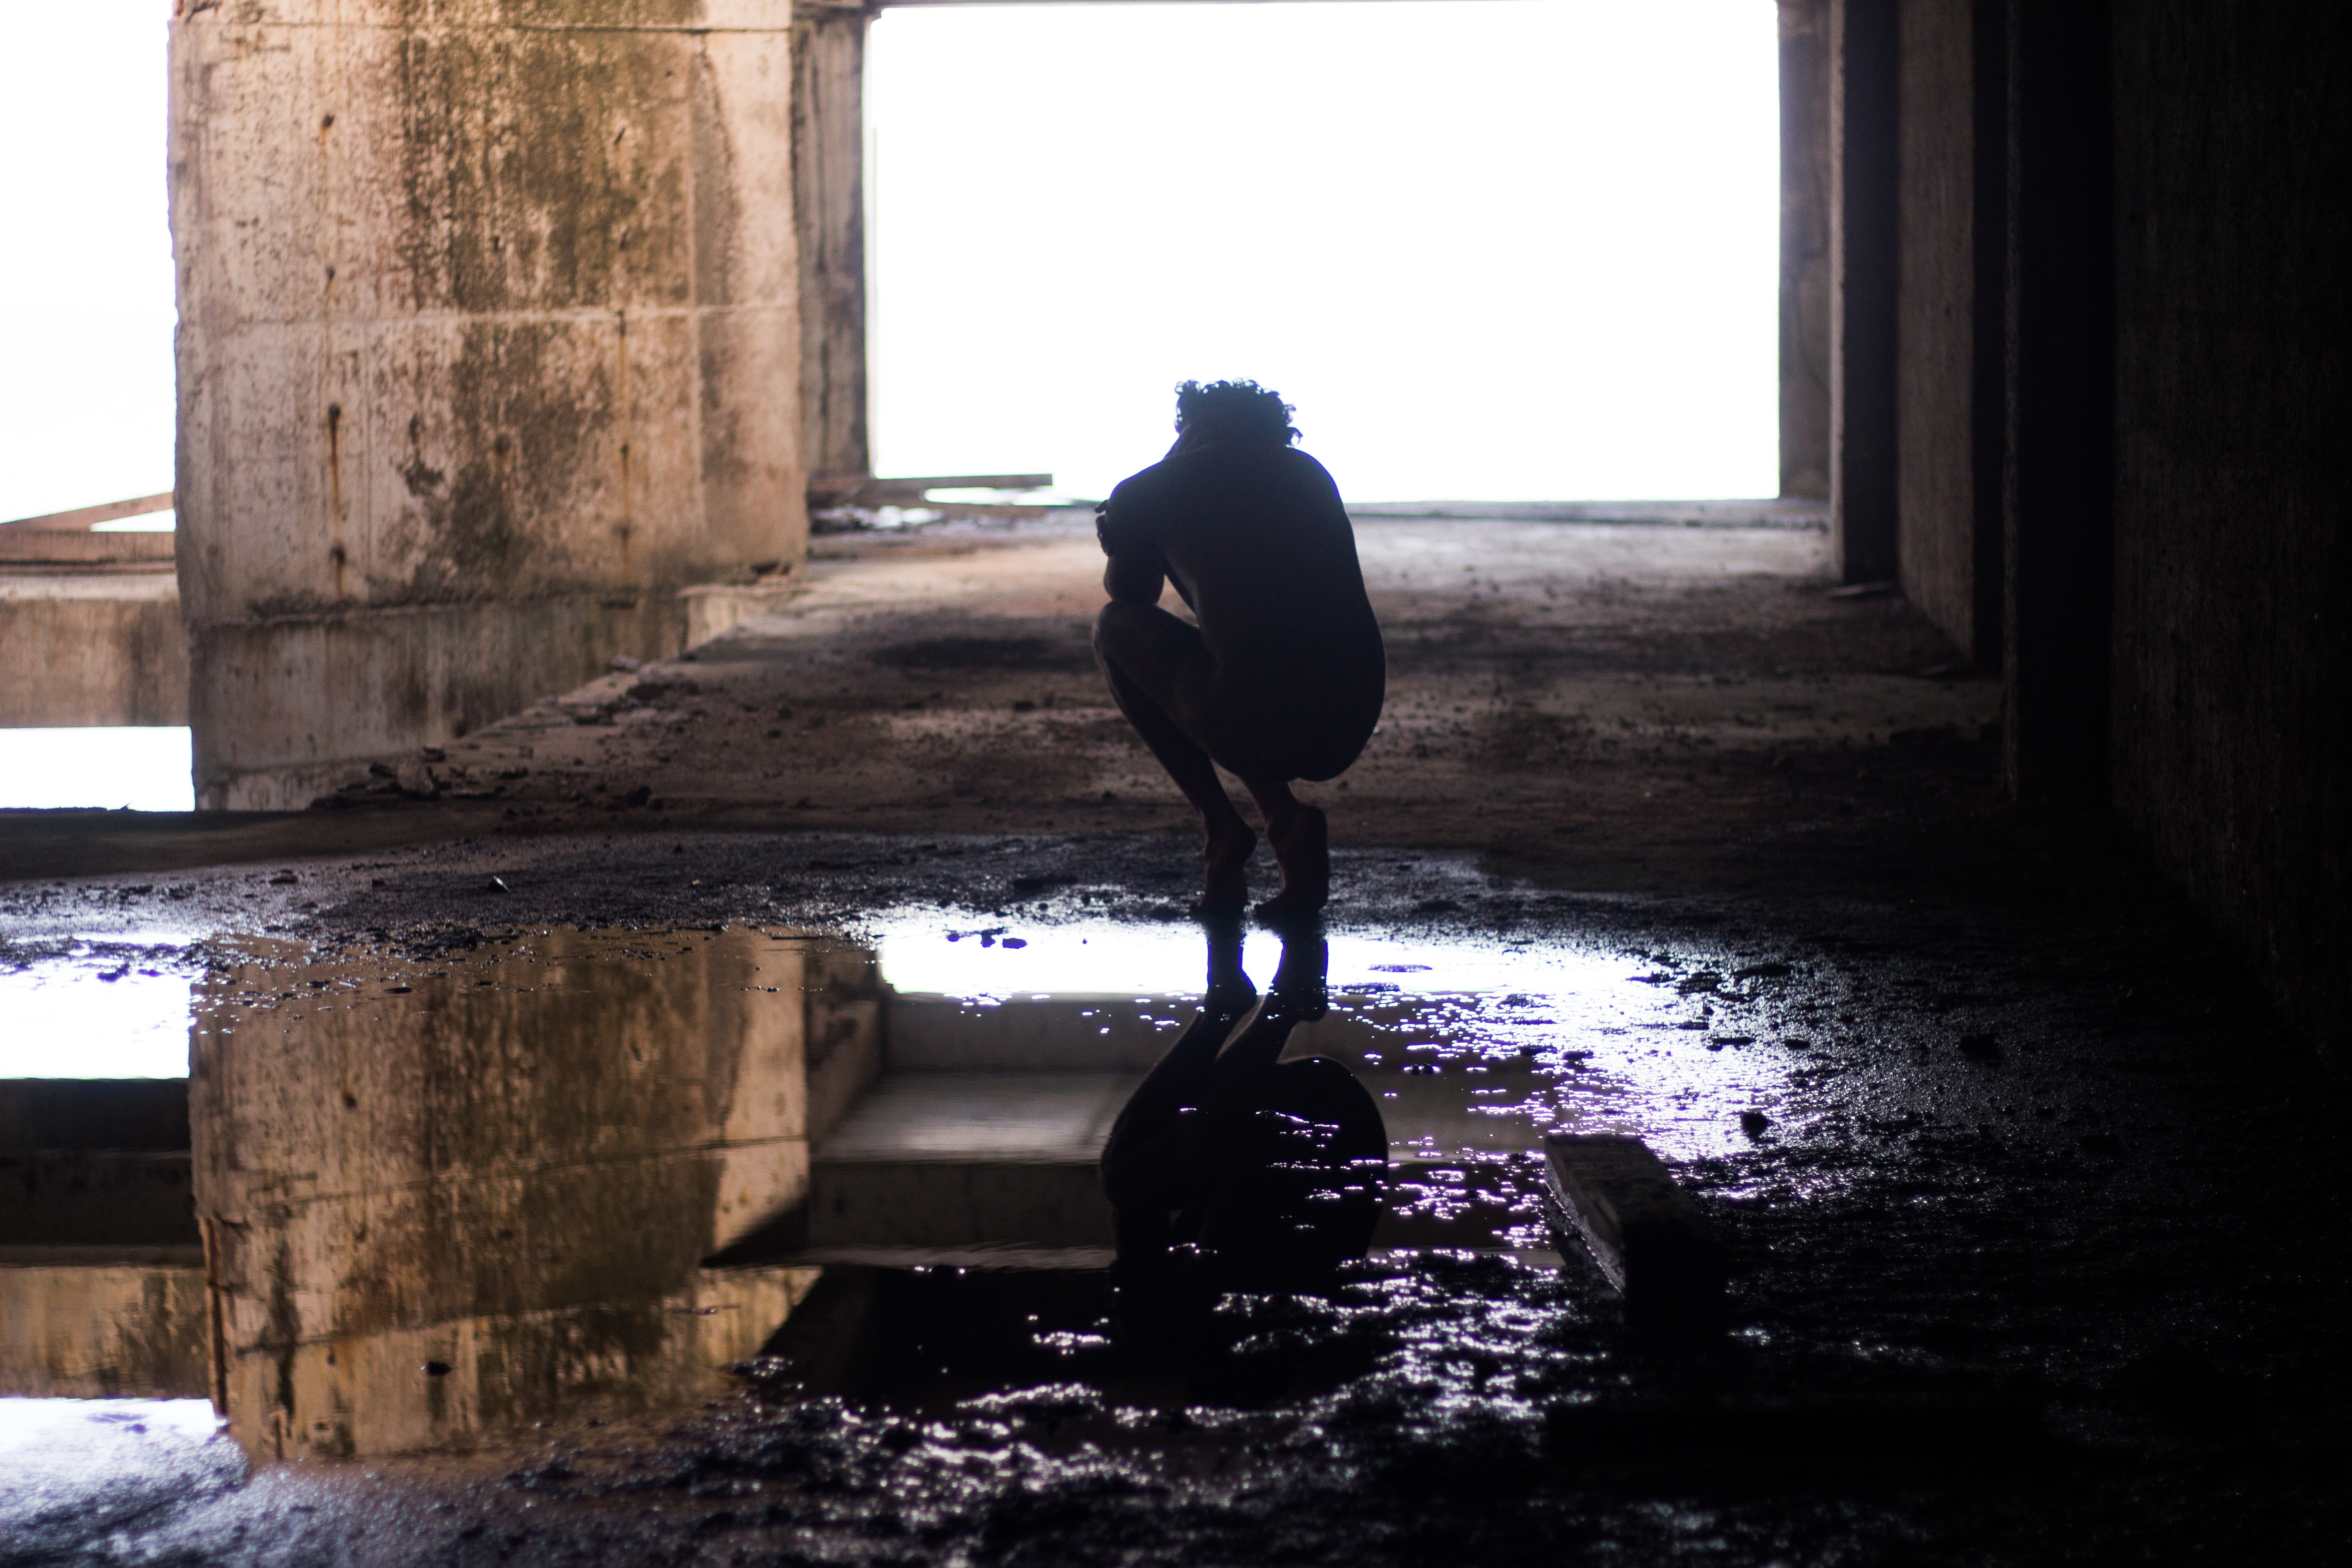 Ator faz ensaio em lugares abandonados de Natal